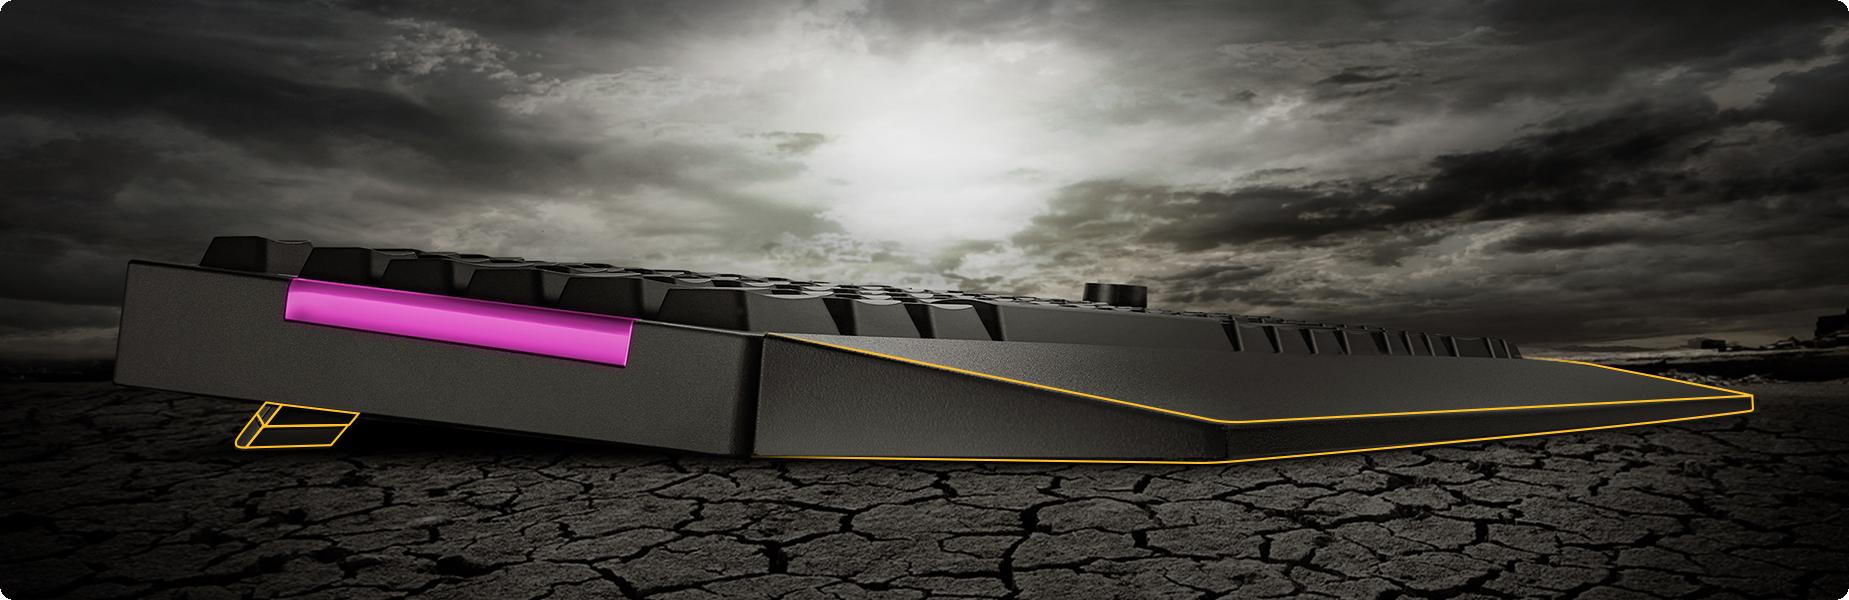 TUF Gaming K1 được thiết kế tiện dụng